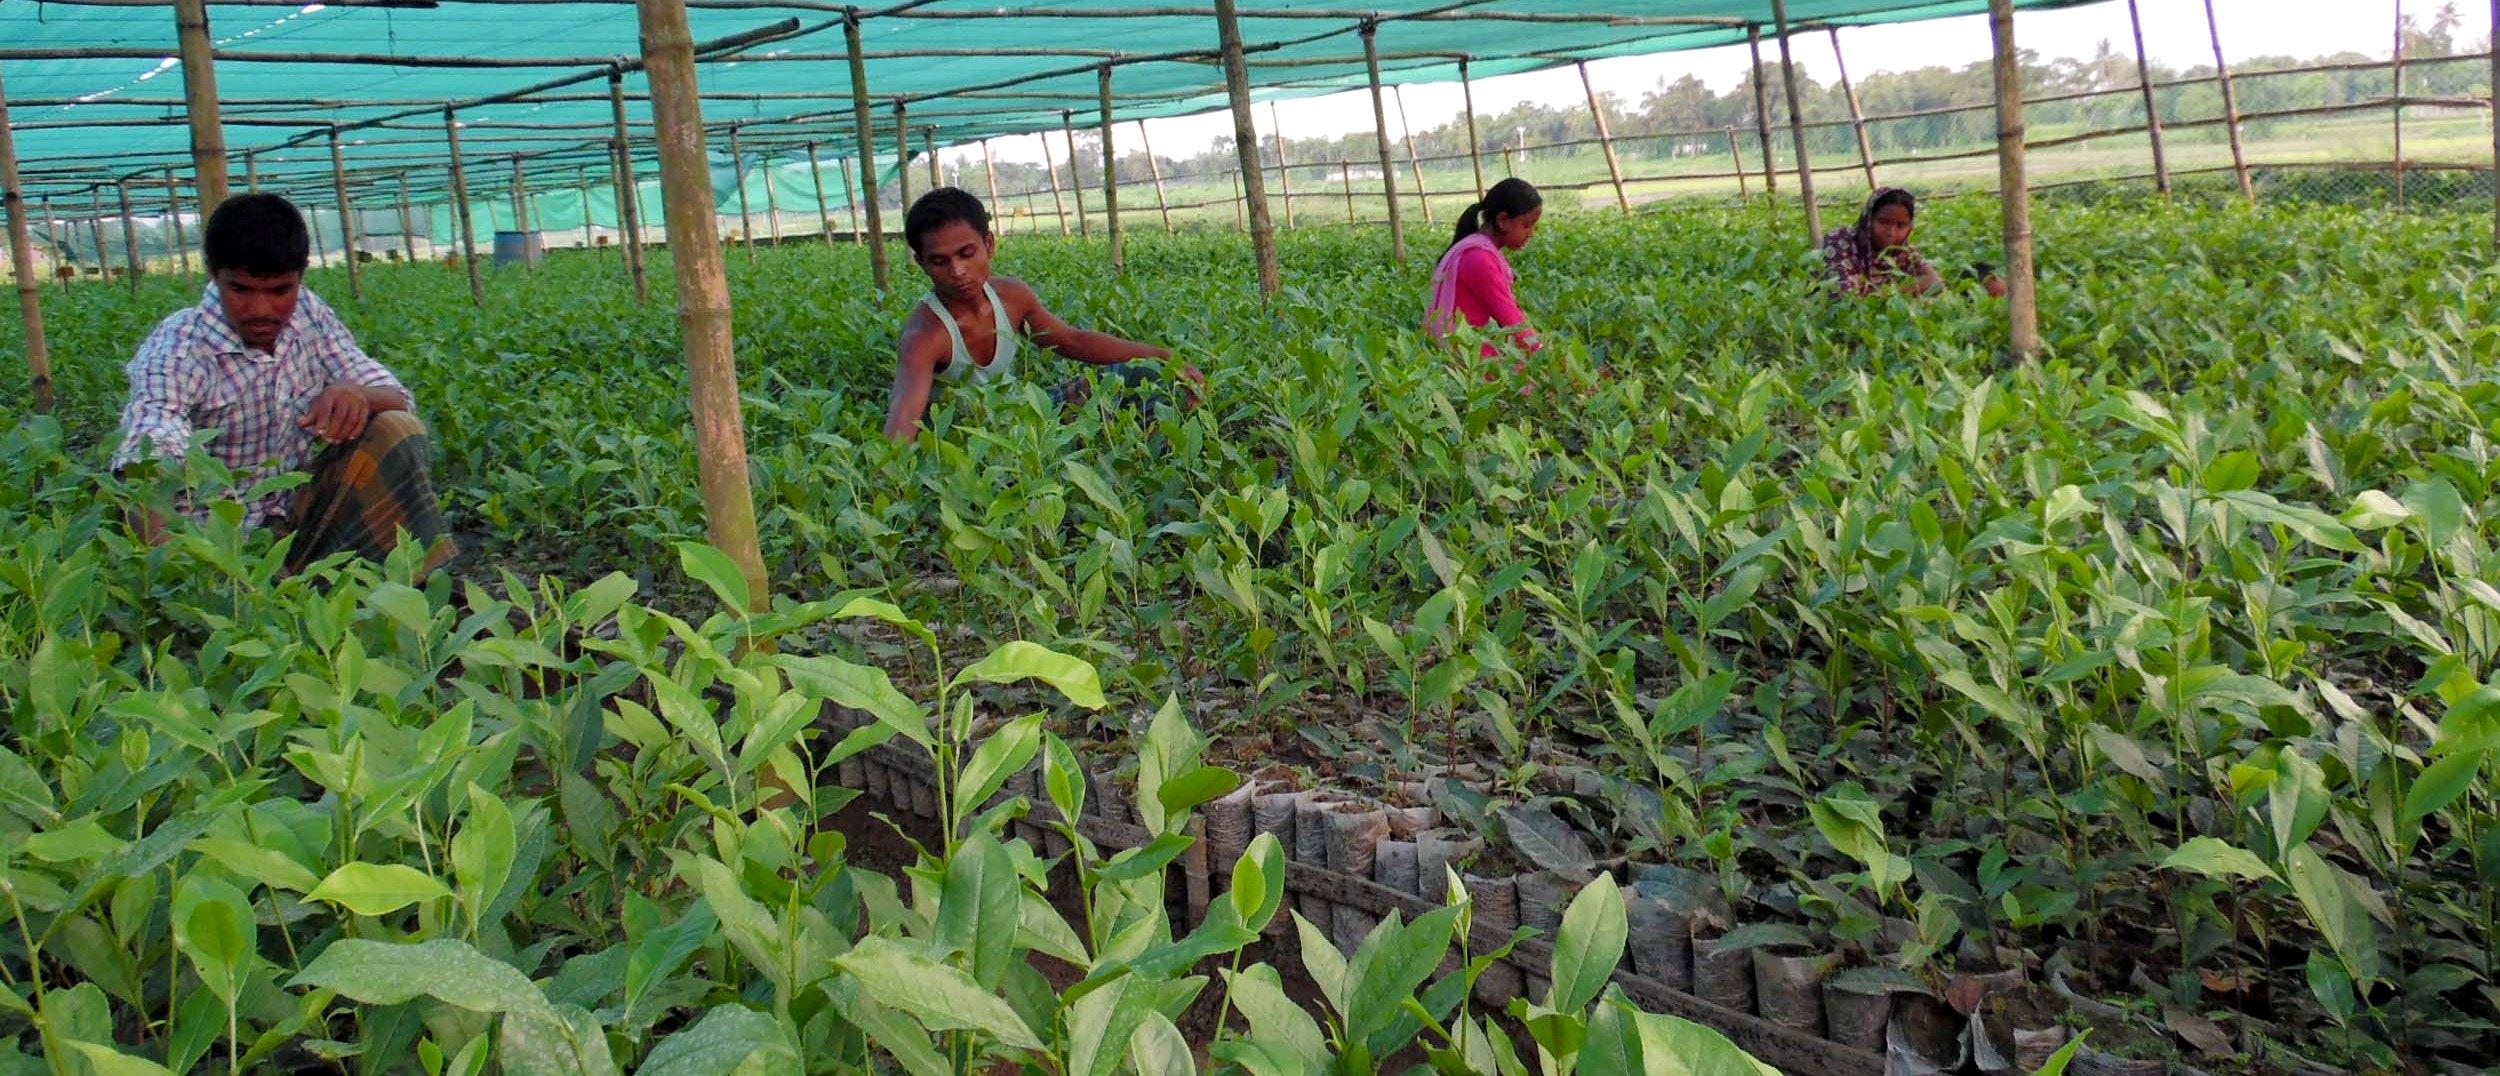 লো-ভোল্টেজের অজুহাতে চা প্রসেসিং কারখানা বন্ধ: বিপাকে কৃষক